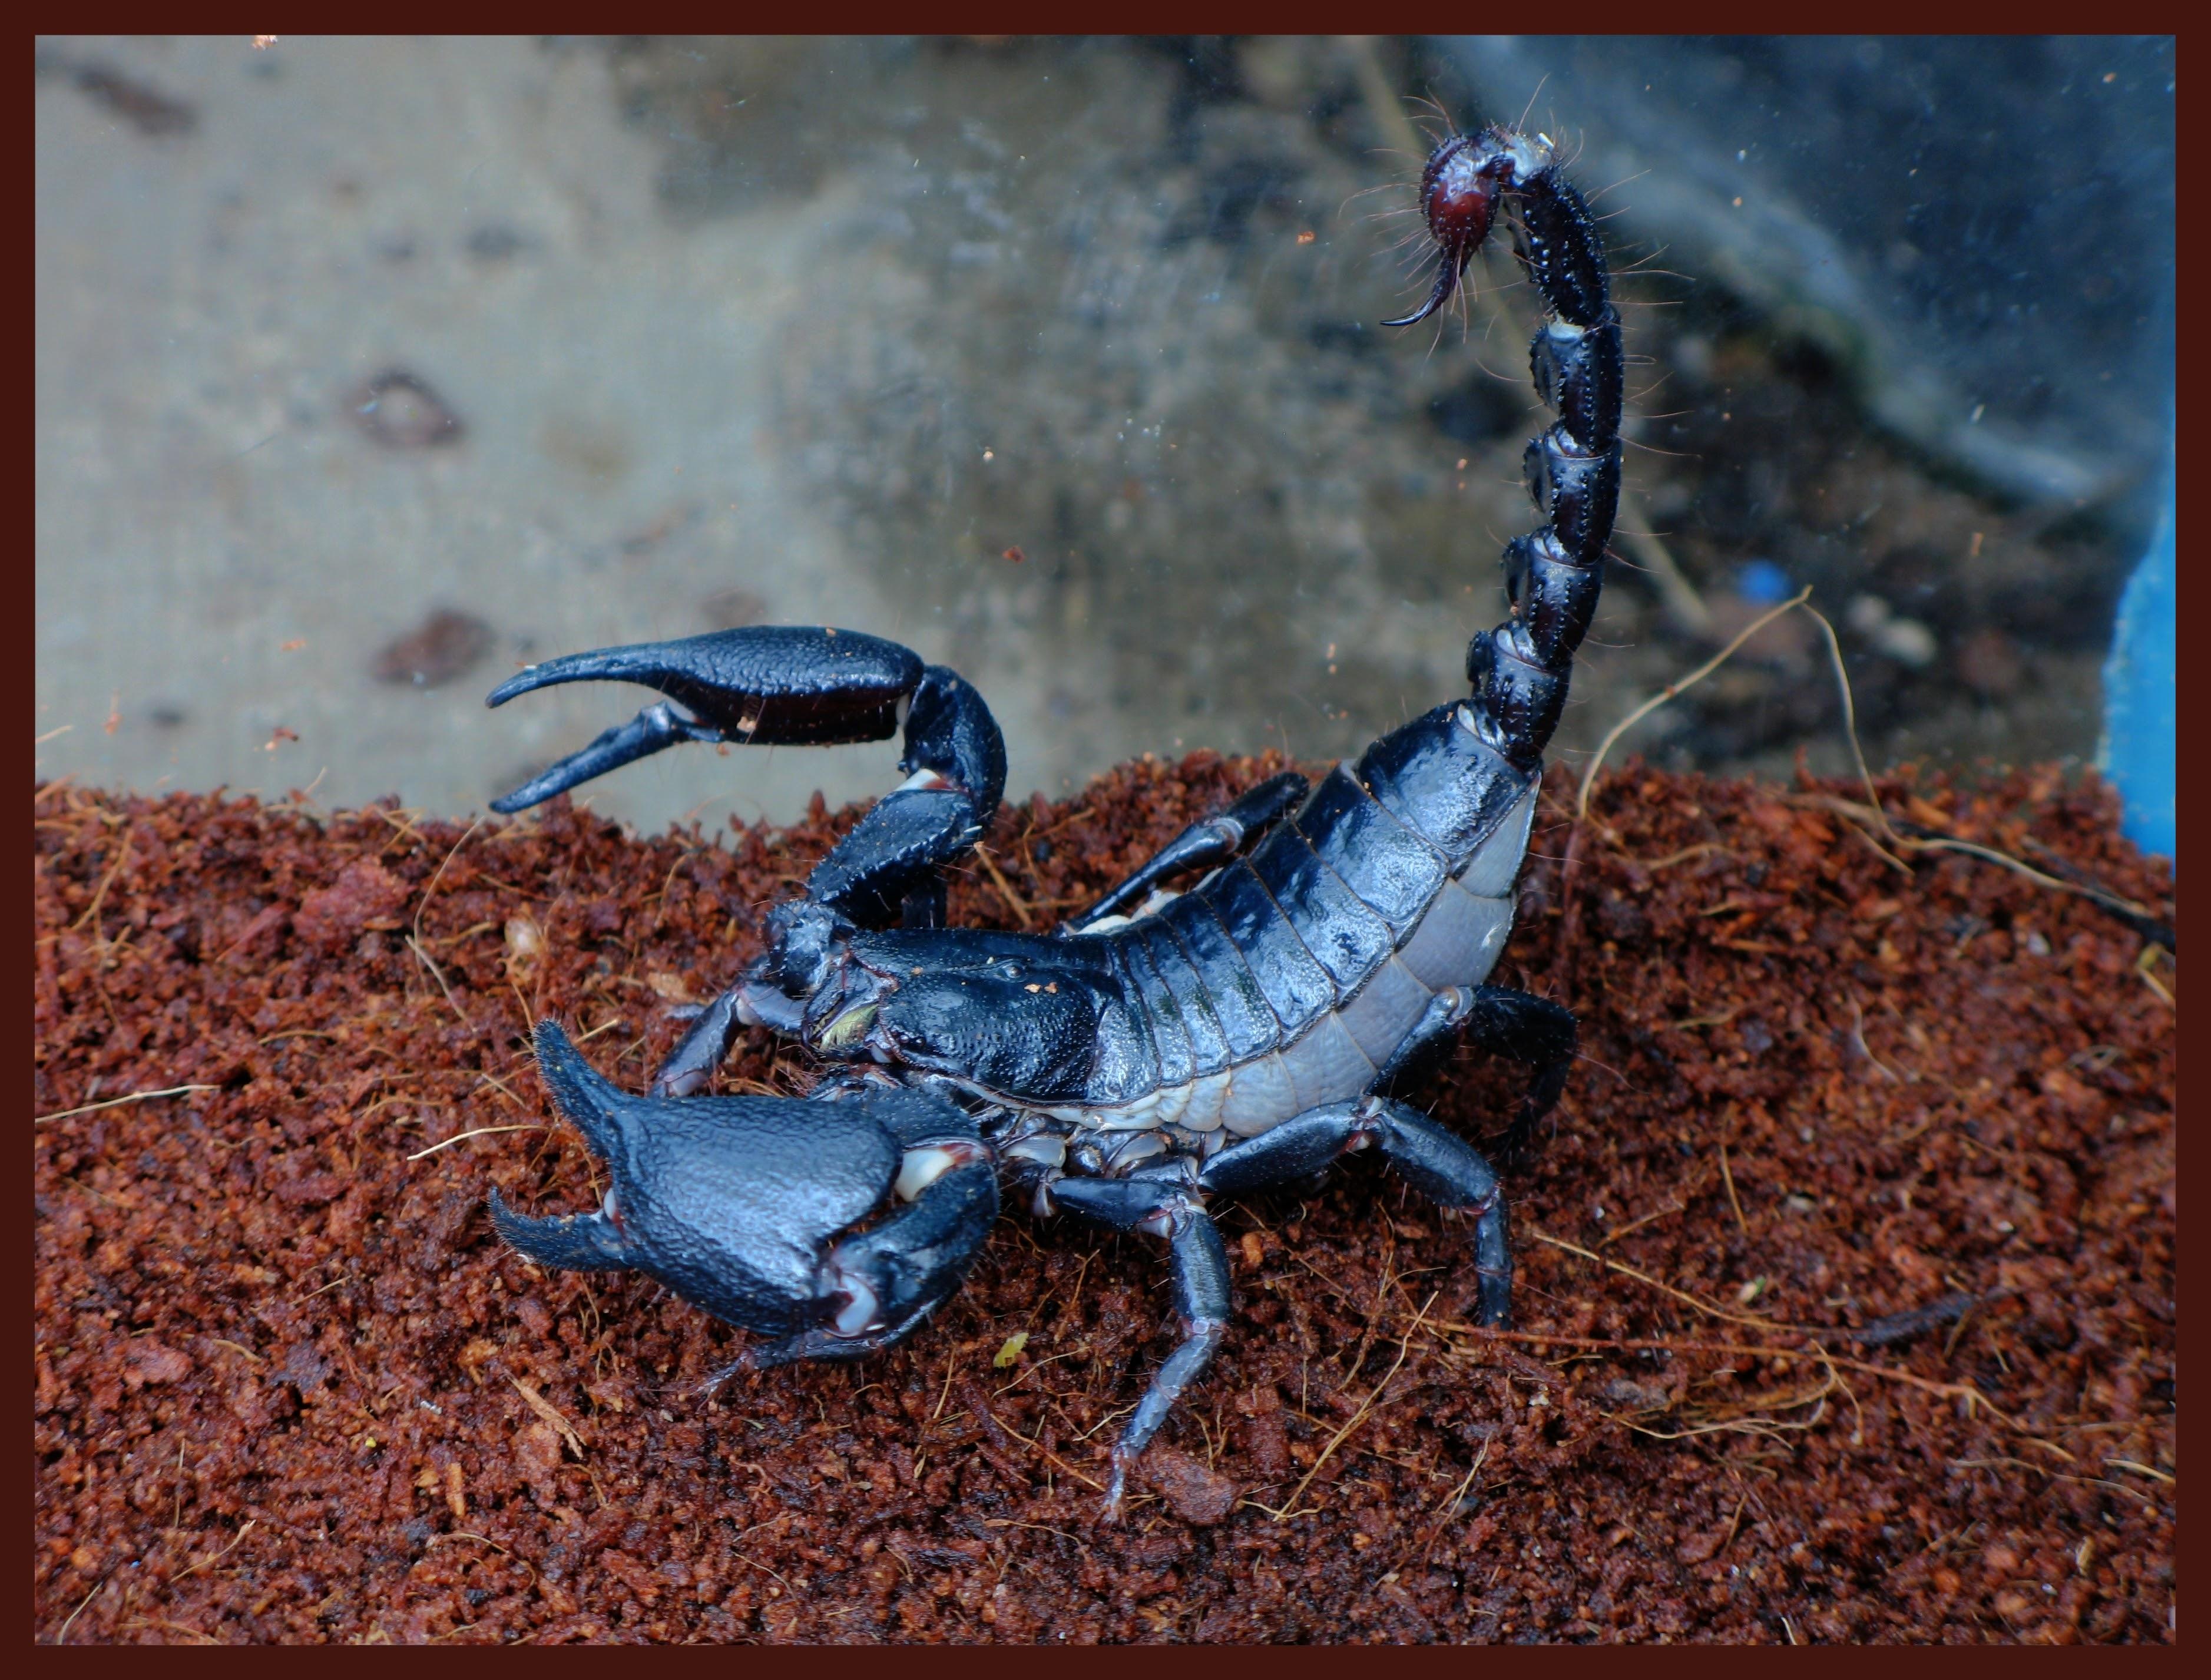 Фото картинки скорпионов